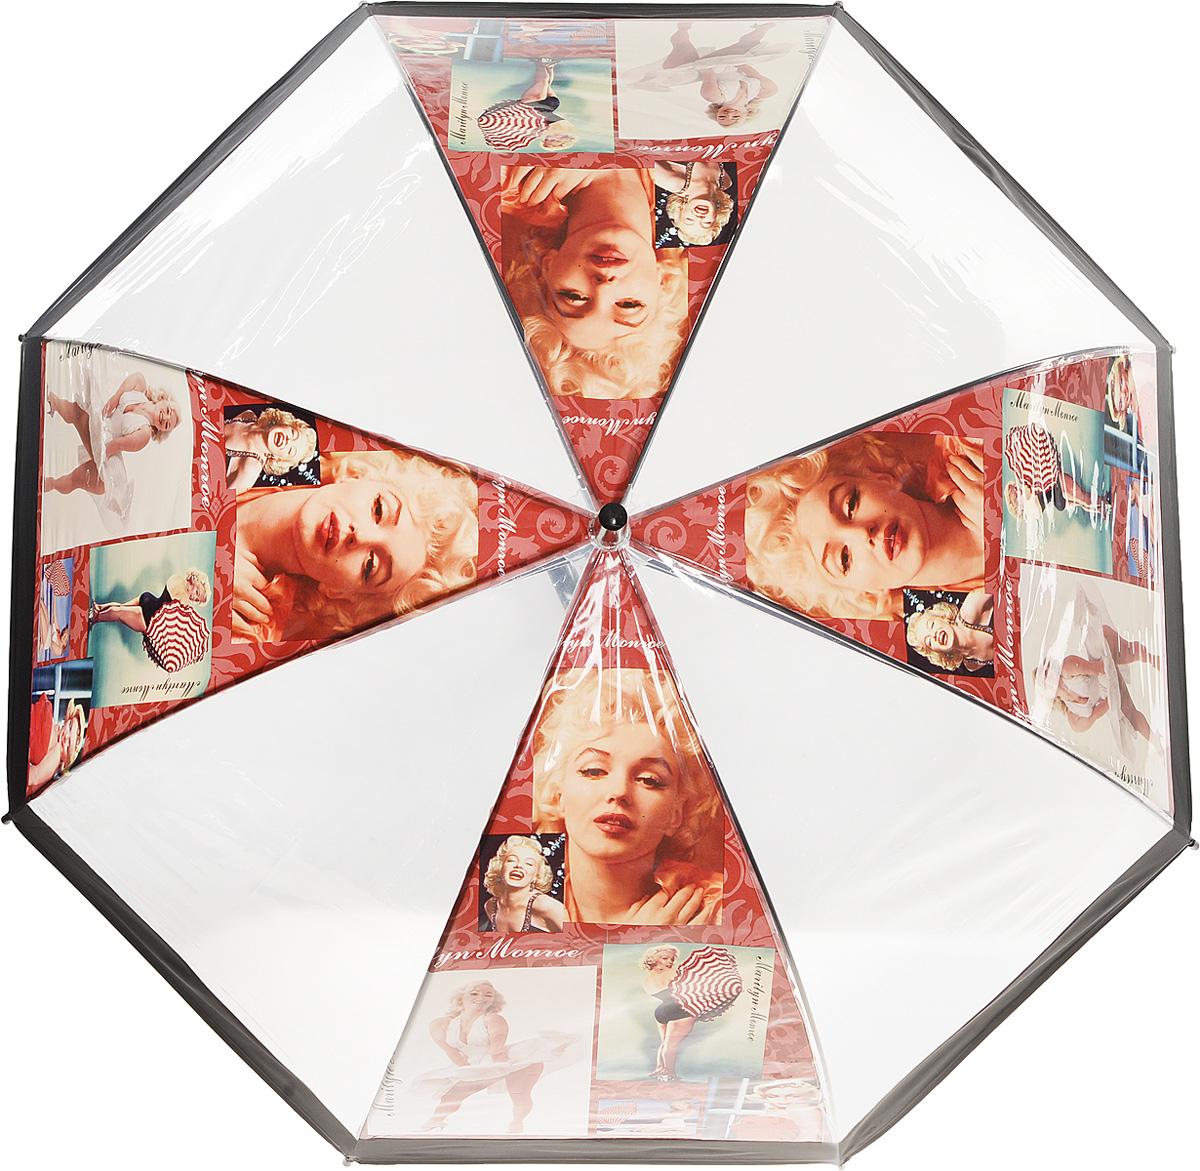 Зонт женский Kawaii Factory Vintage Marilyn, цвет: прозрачный. KW042-000165REM12-GREYЭлегантный прозрачный зонт-трость Vintage Marilyn от Kawaii Factory с изображением легендарной красавицы Мерлин Монро и глубоким куполом позволит вам выглядеть стильно в ненастную погоду. Зонт состоит из стержня и 8 спиц, изготовленных из металла. Купол изготовлен из качественного ПВХ, который надежно защитит вас от дождя. Зонт дополнен удобной ручкой из пластика, которая выполнена в виде крючка. Также зонт имеет пластиковый наконечник, который устраняет попадание воды на стержень и уберегает зонт от повреждений.Изделие имеет полуавтоматический механизм сложения: купол открывается нажатием кнопки на ручке, а складывается вручную до характерного щелчка. Зонт закрывается хлястиком на кнопку.Зонт Vintage Marilyn - лучшее украшение не только для яркой блондинки, жгучей брюнетке он также придется по вкусу. Каждая модница с таким аксессуаром будет привлекать восторженные взгляды окружающих.